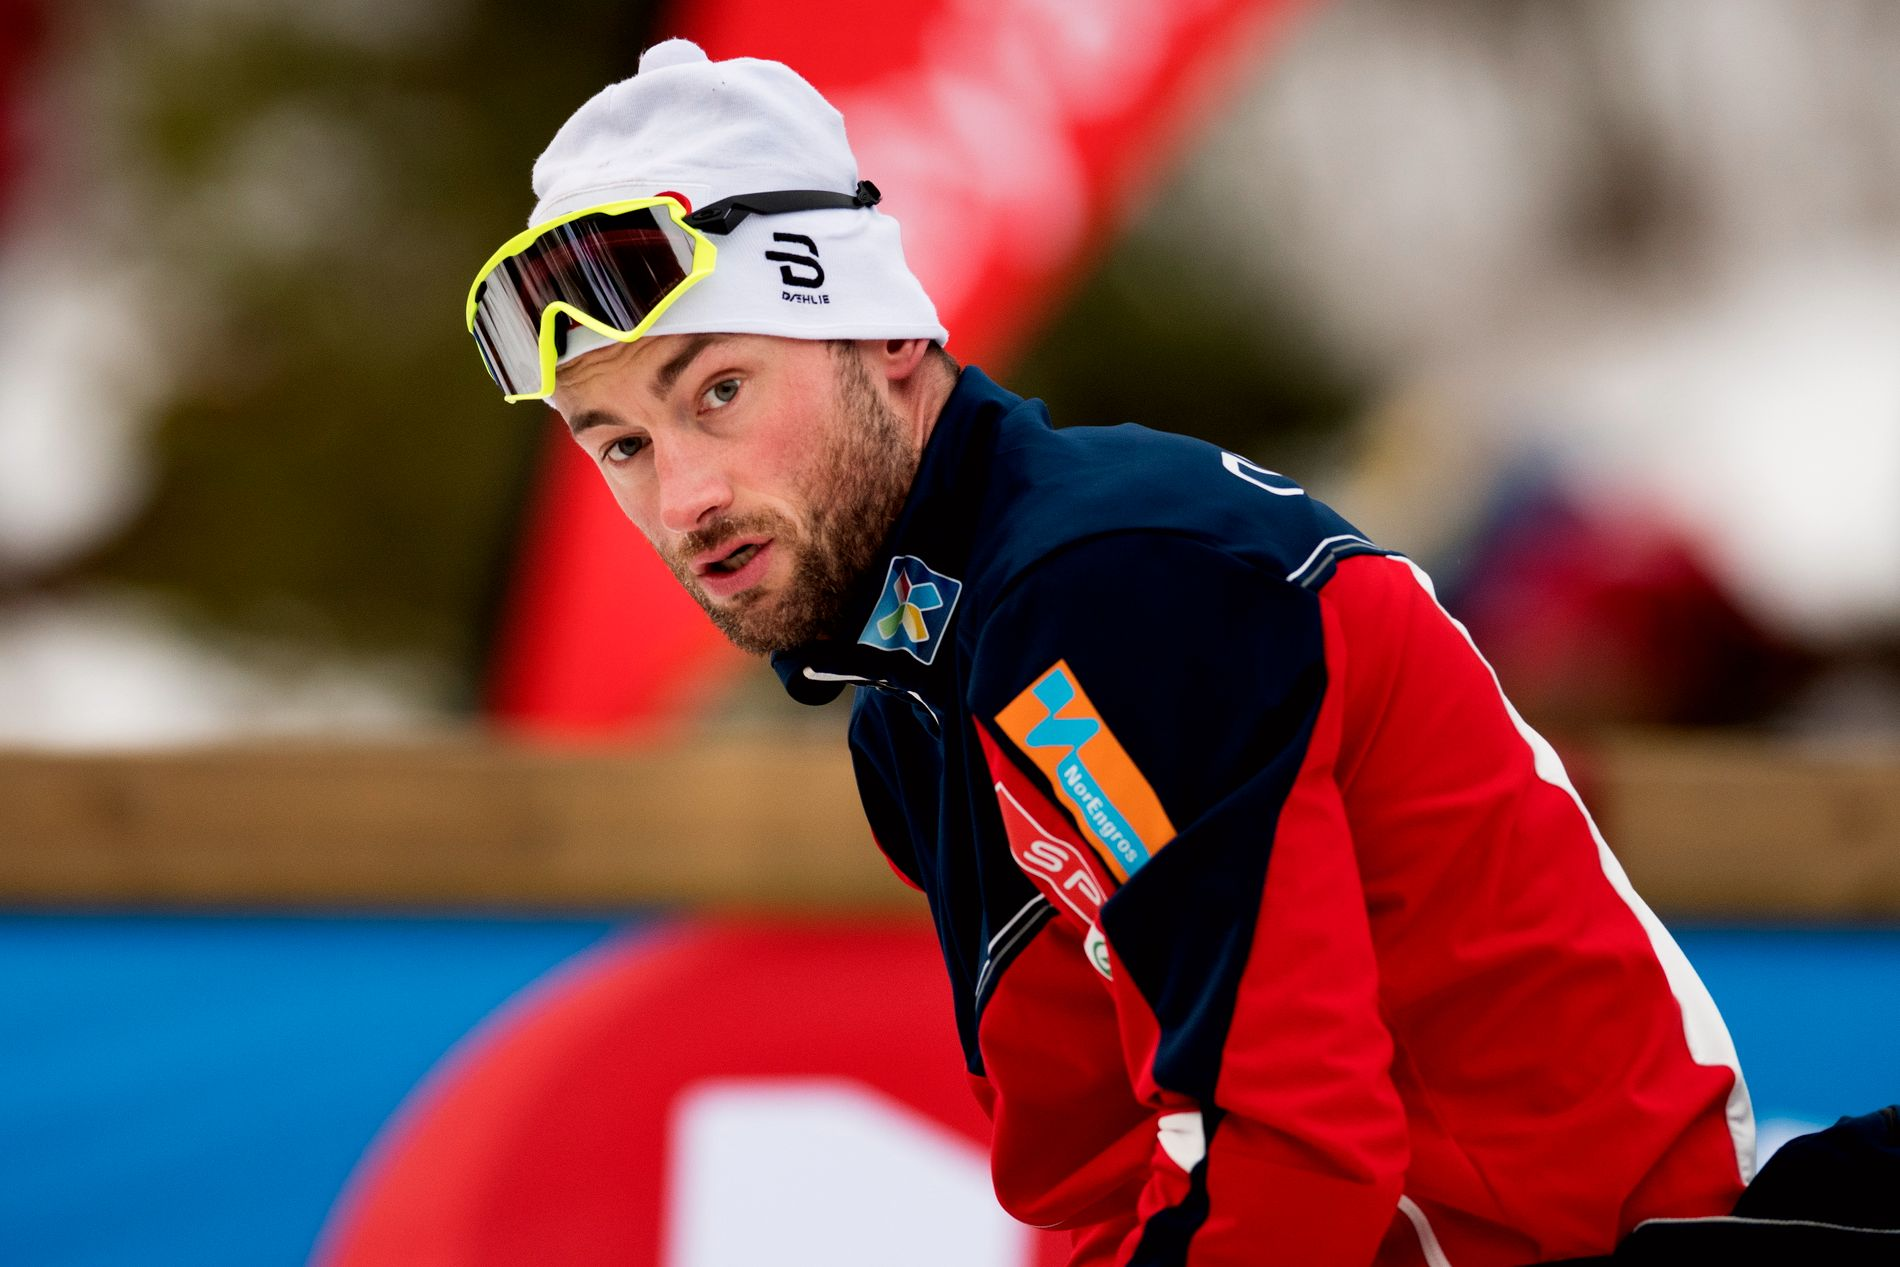 GÅR LIKEVEL: Petter Northug går verdenscuprenn i Falun likevel.